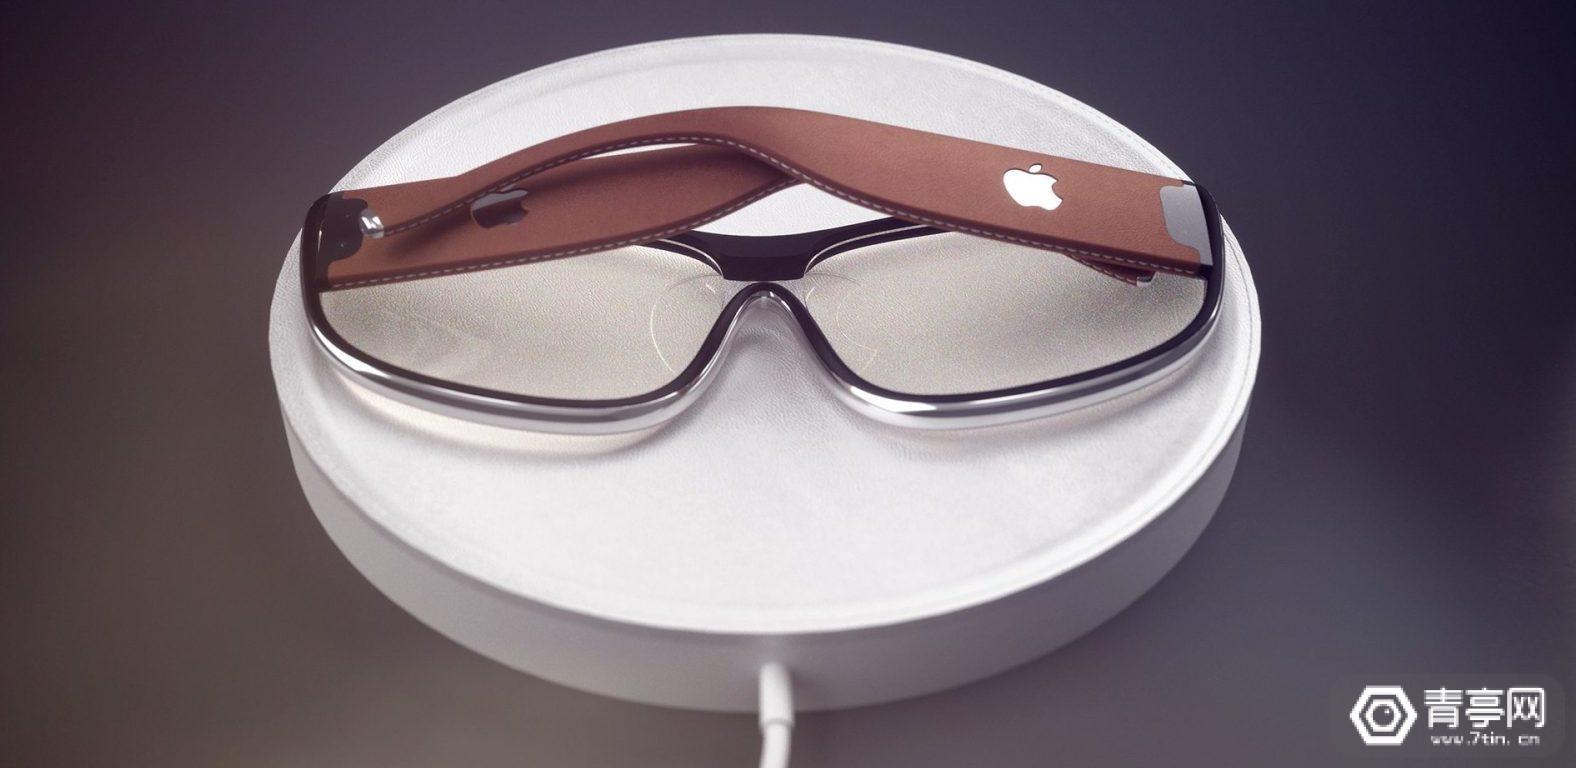 据悉苹果在CES 2019与多家光波导厂商密谈,为AR眼镜做准备